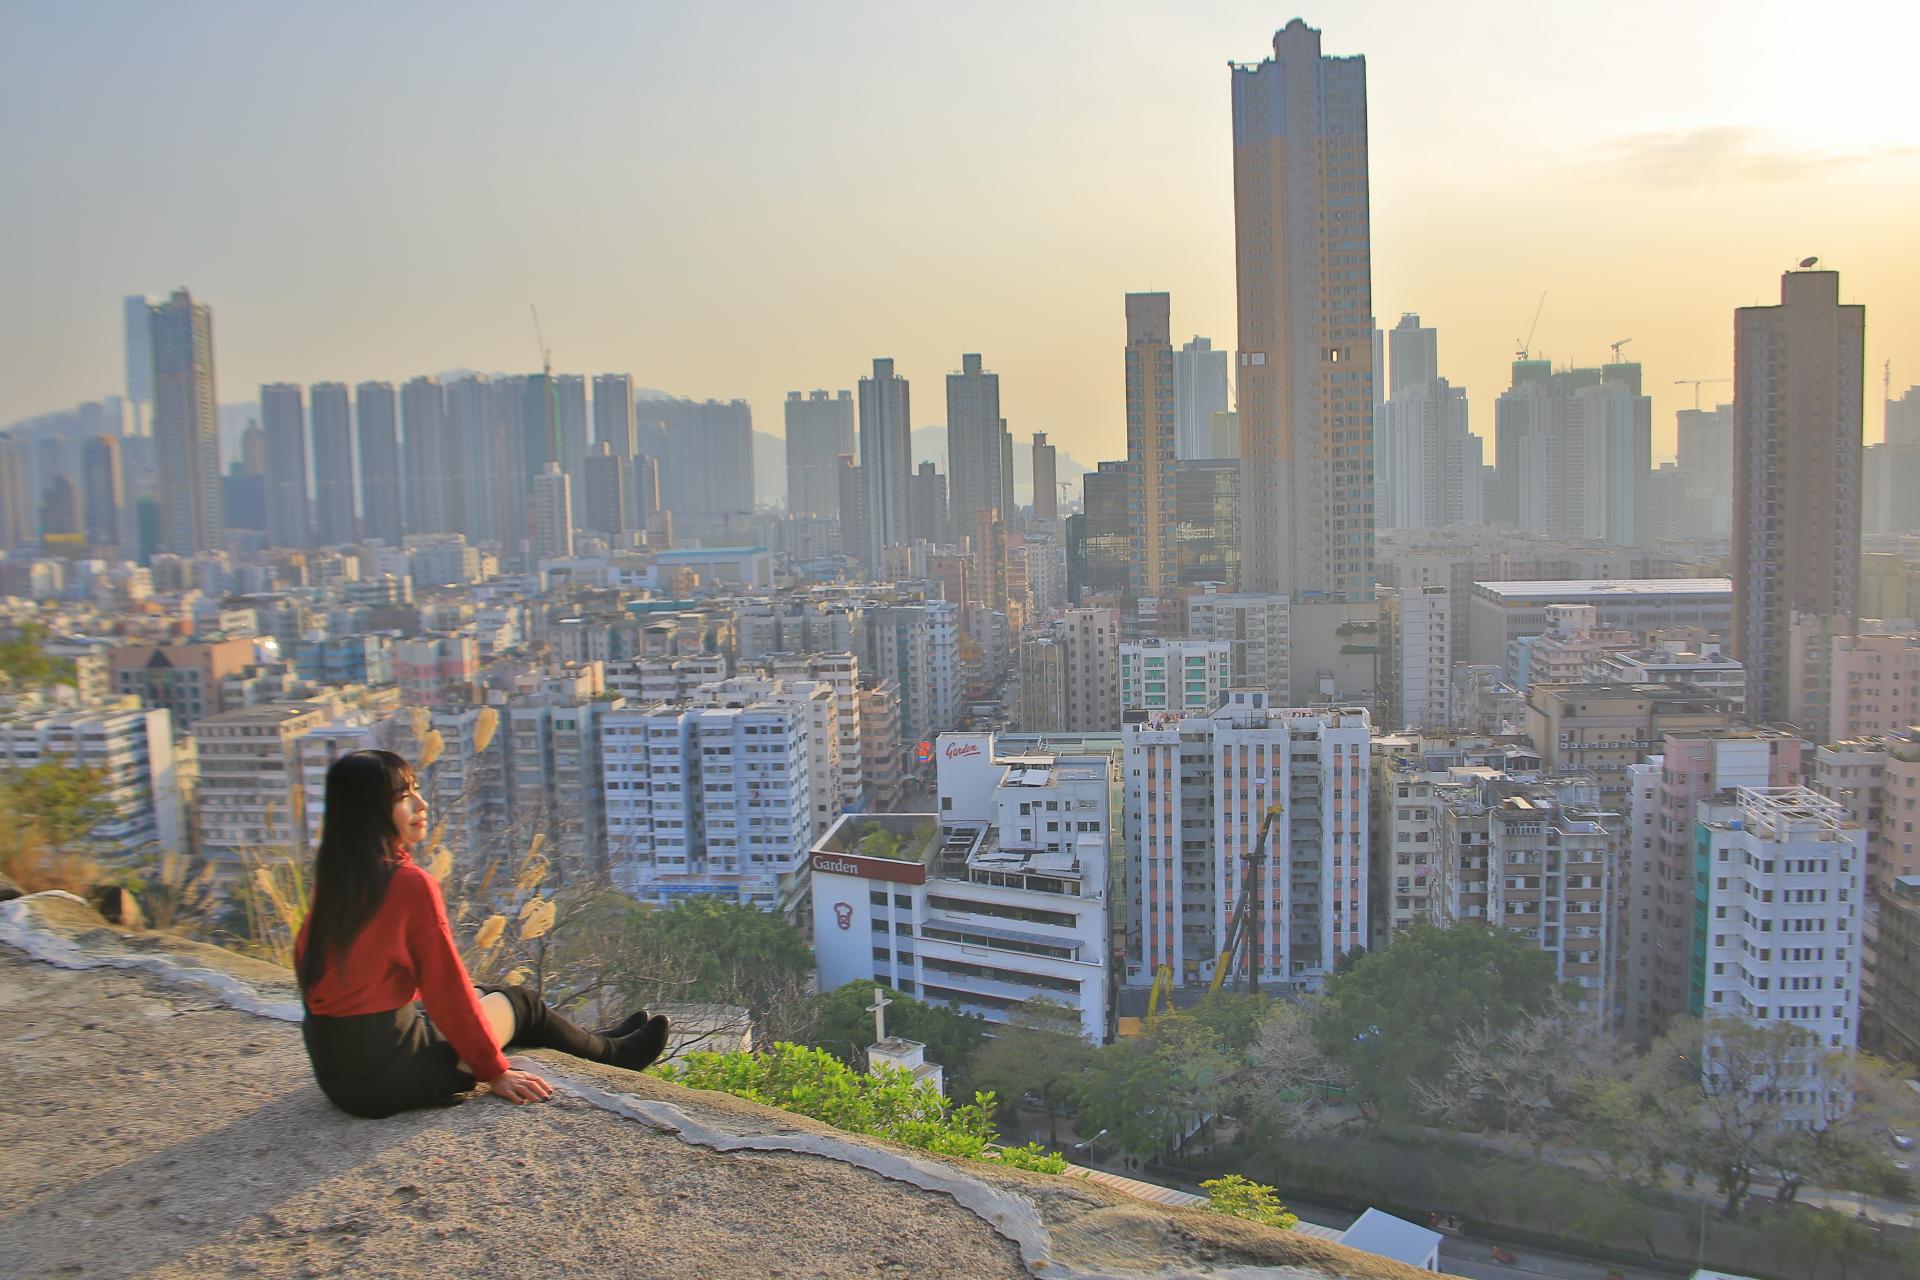 【深水埗一日遊】美食小吃賞景之旅,嘉頓山看香港市景日落 @小環妞 幸福足跡